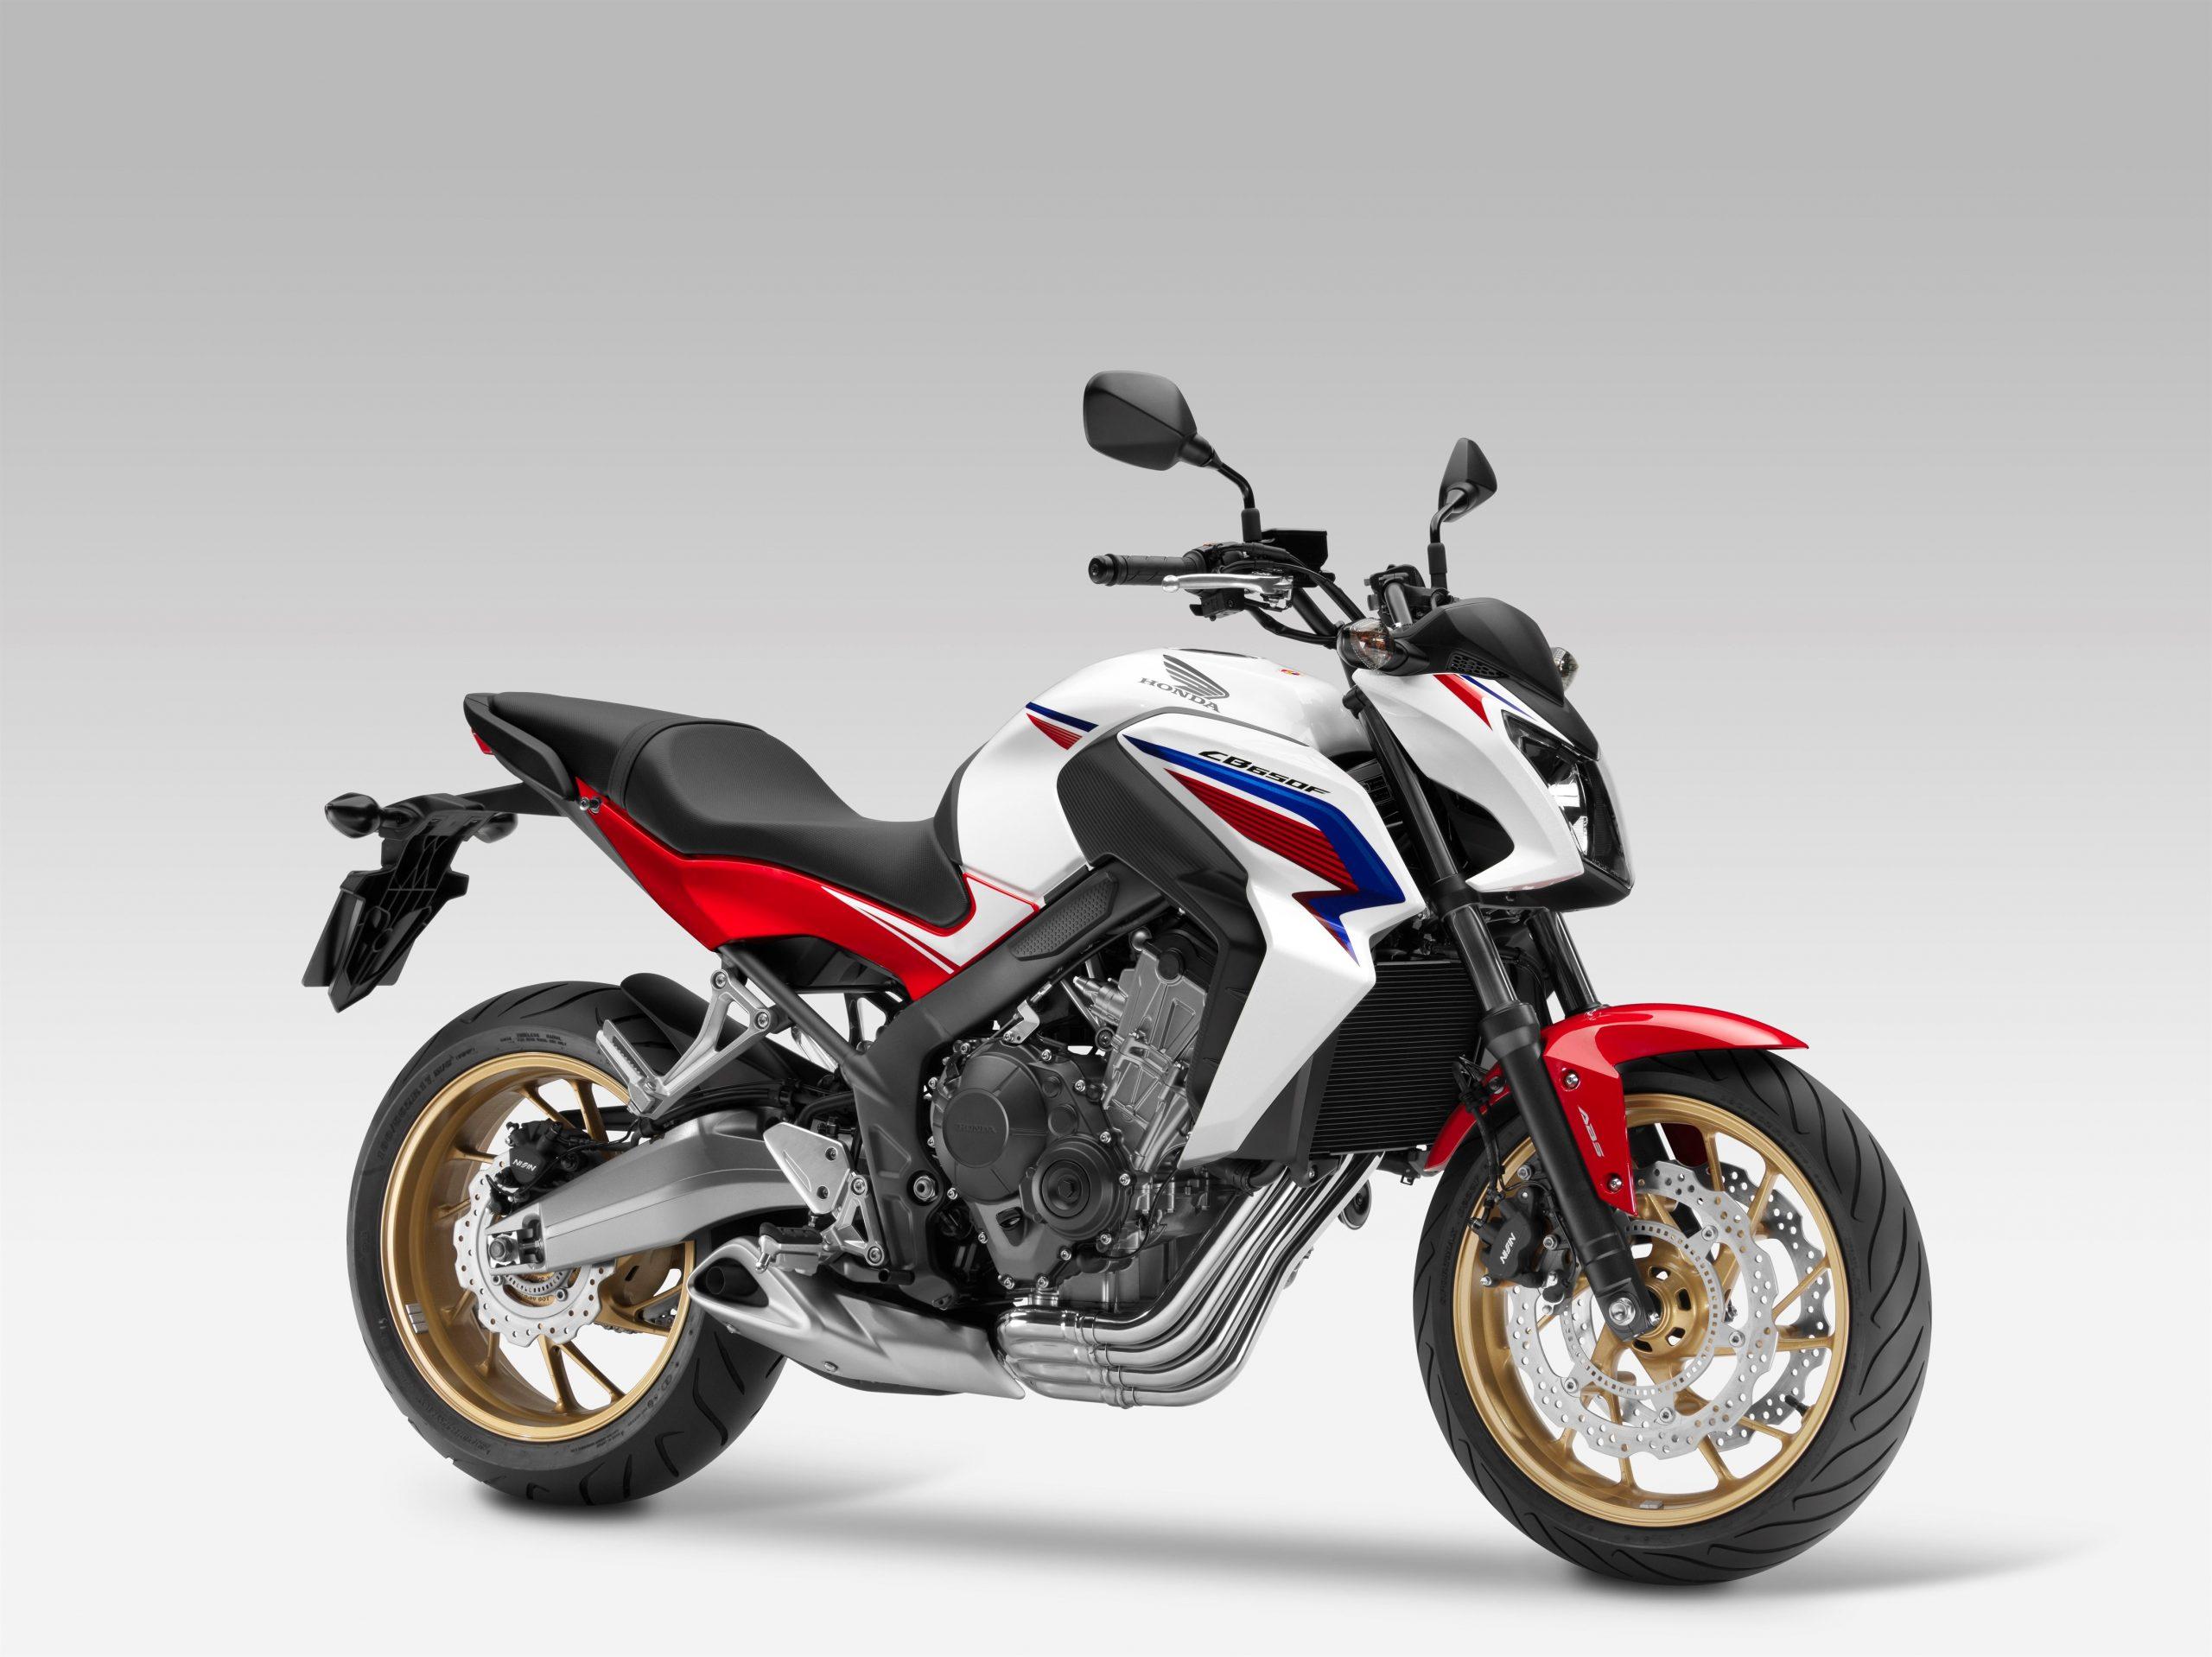 motorbike types, naked, Honda CB650F